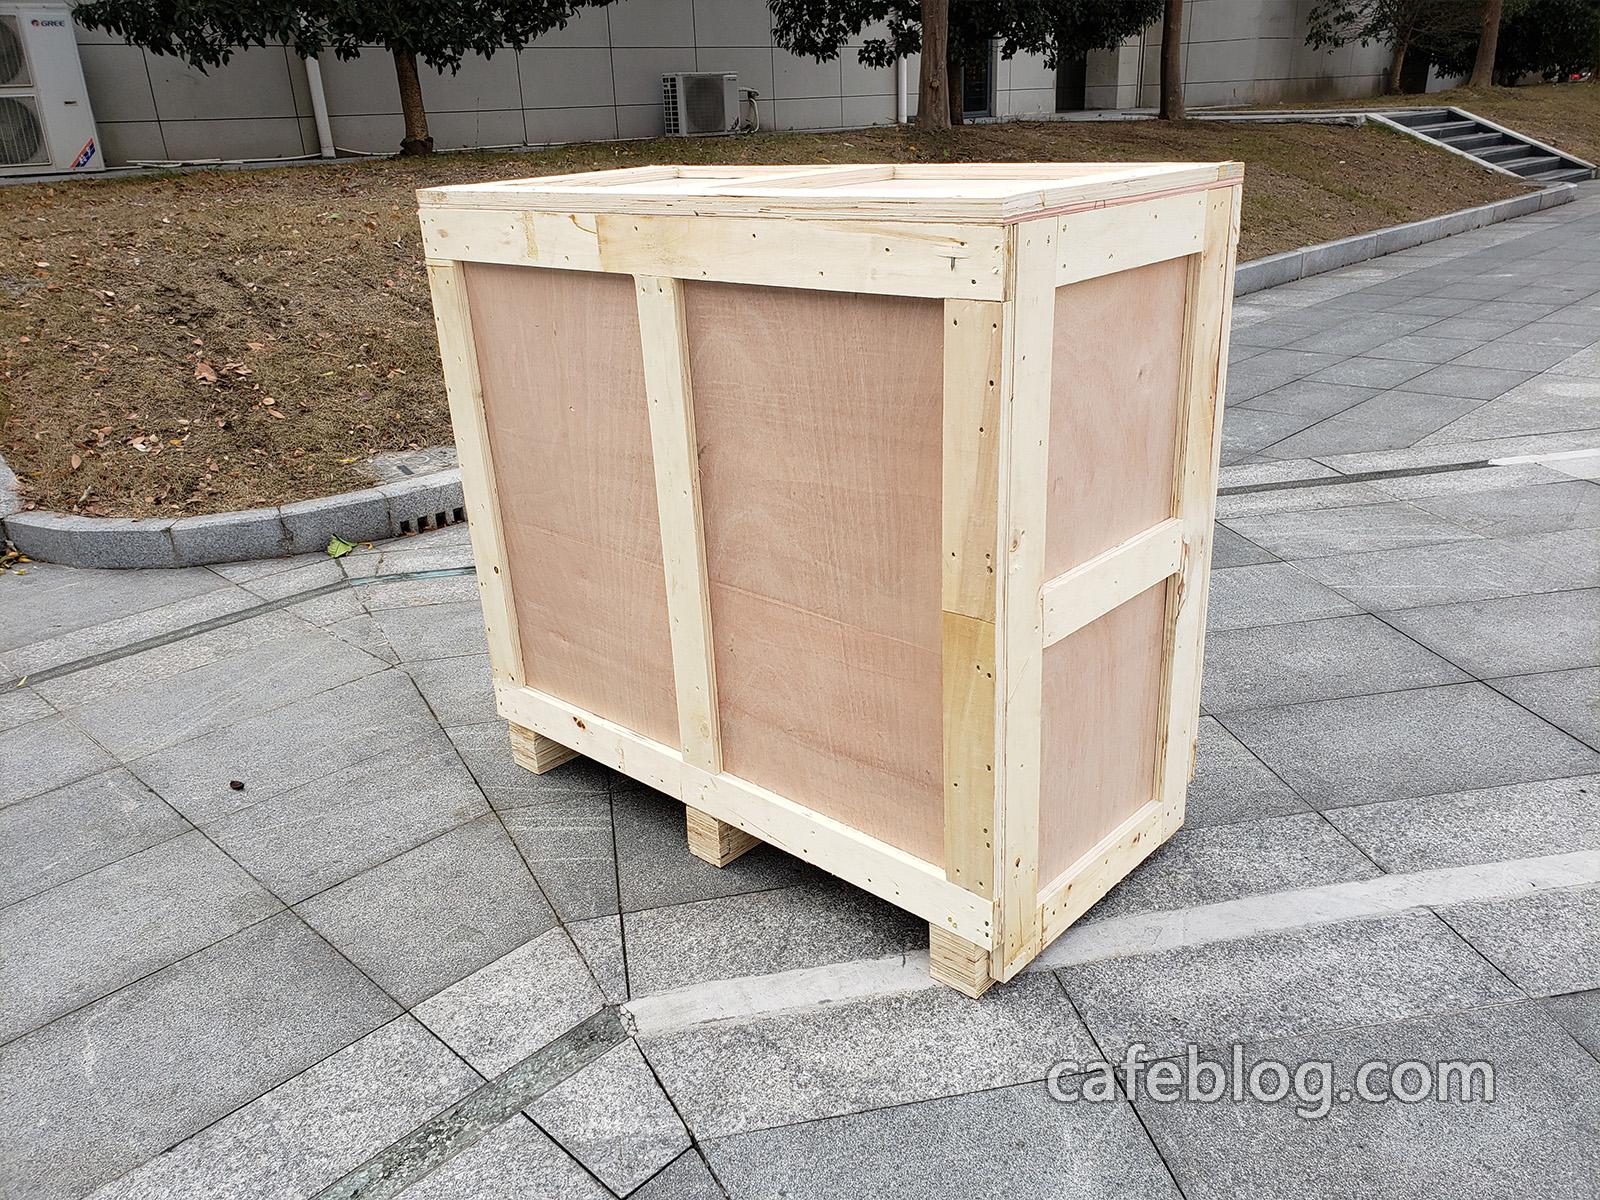 准备发货R-101(1公斤)的烘焙机